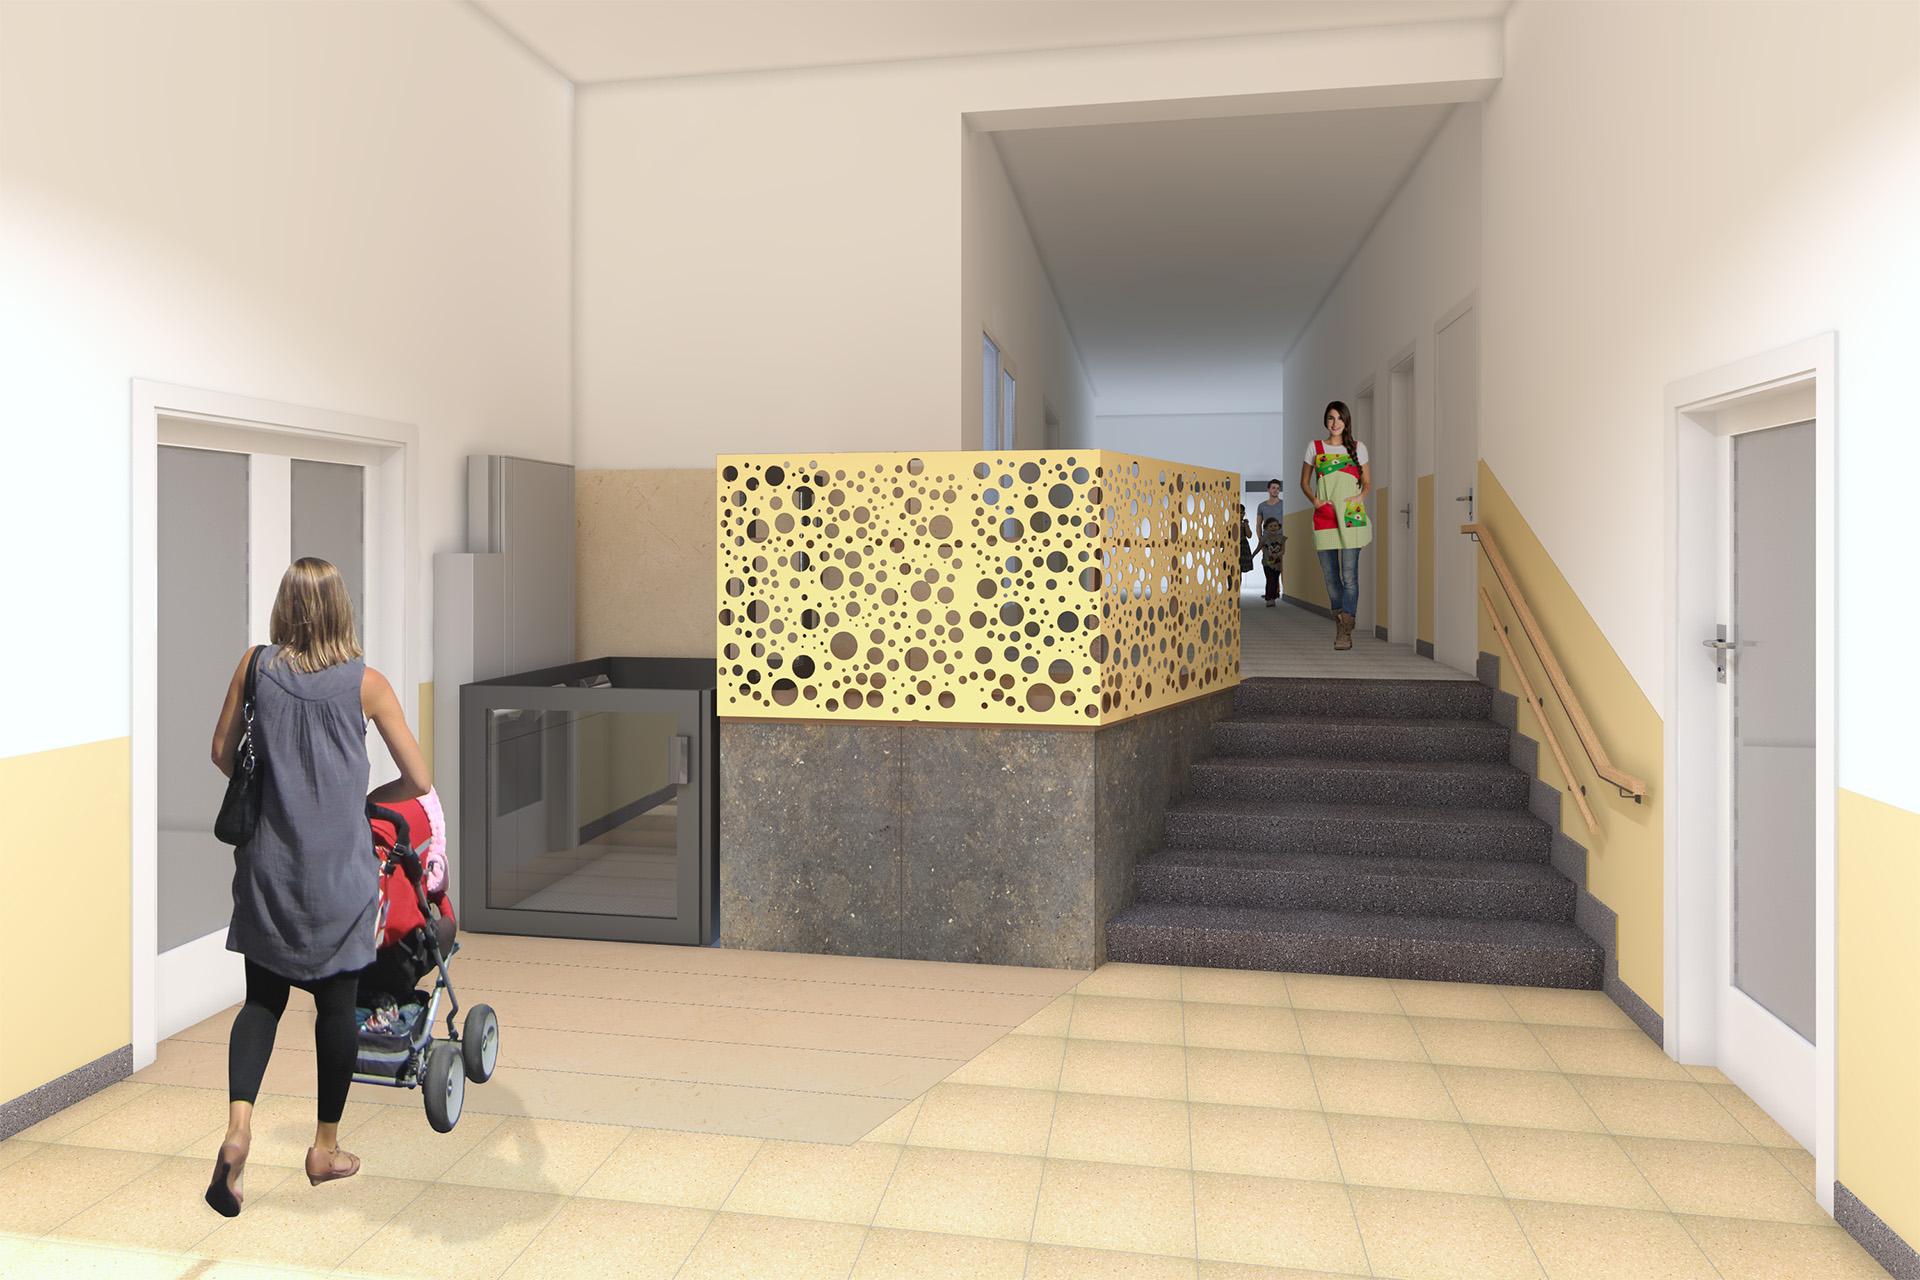 Vista frontal de vestíbulo y elevador